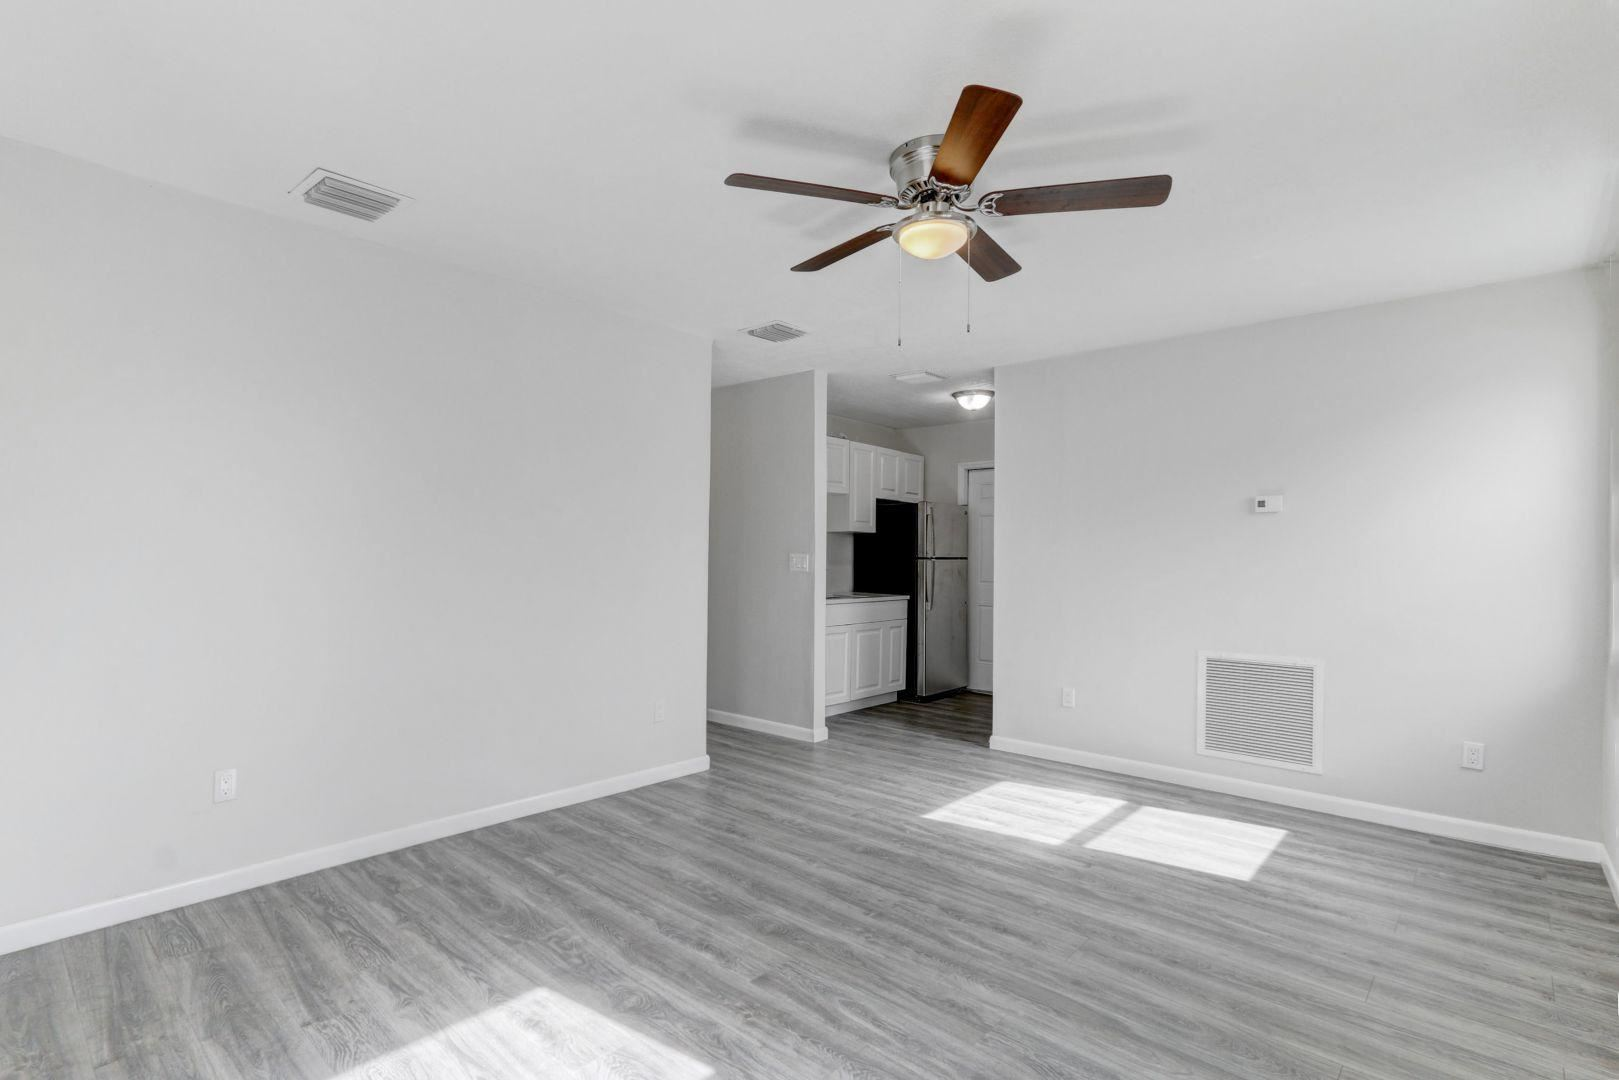 Photo of 809 W 3rd Street, Riviera Beach, FL 33404 (MLS # RX-10648795)